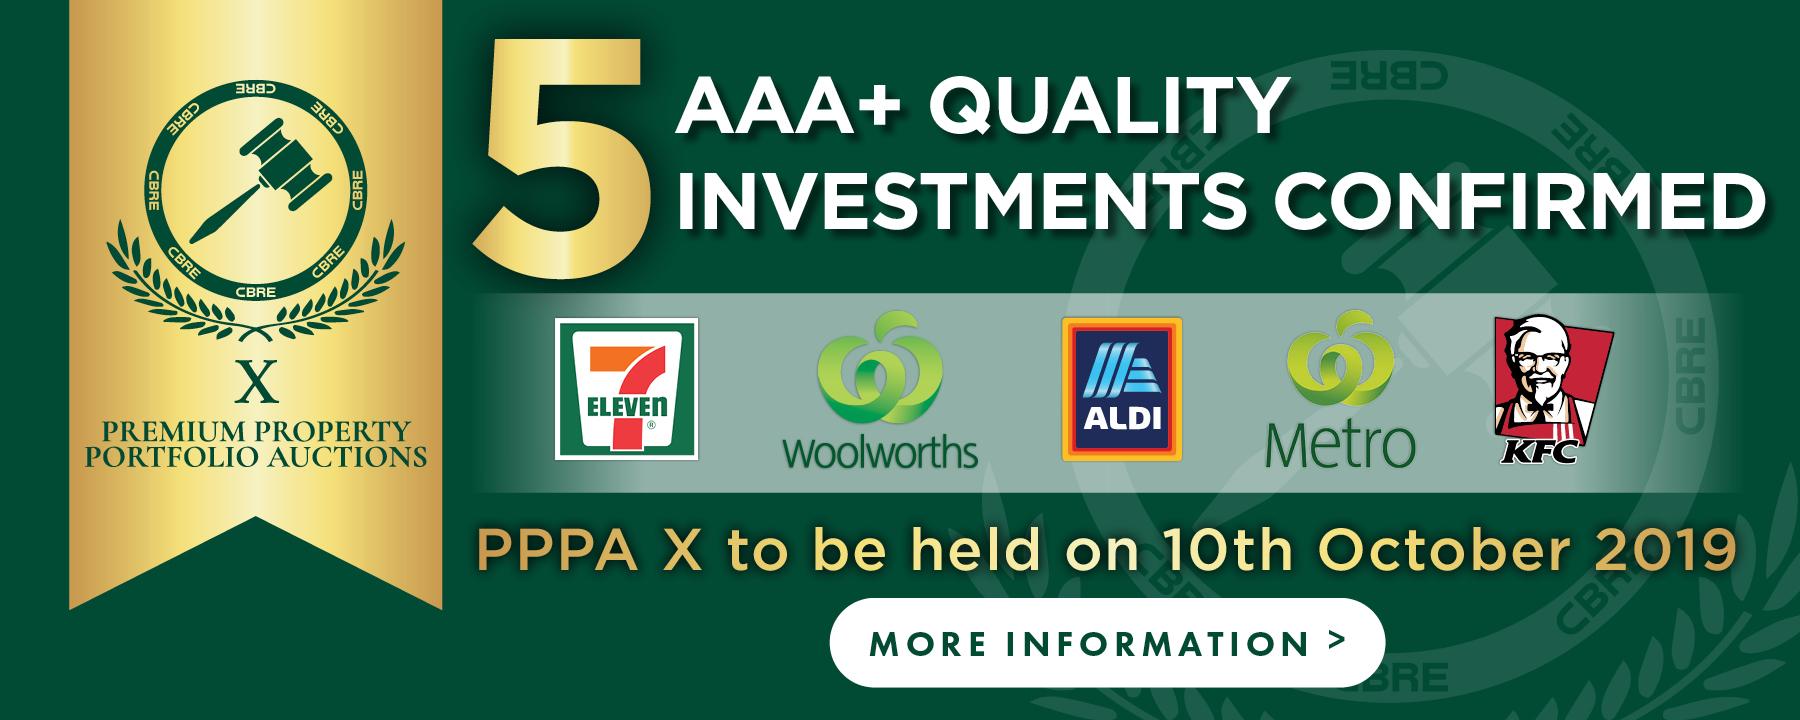 PPPA listing website V5 2